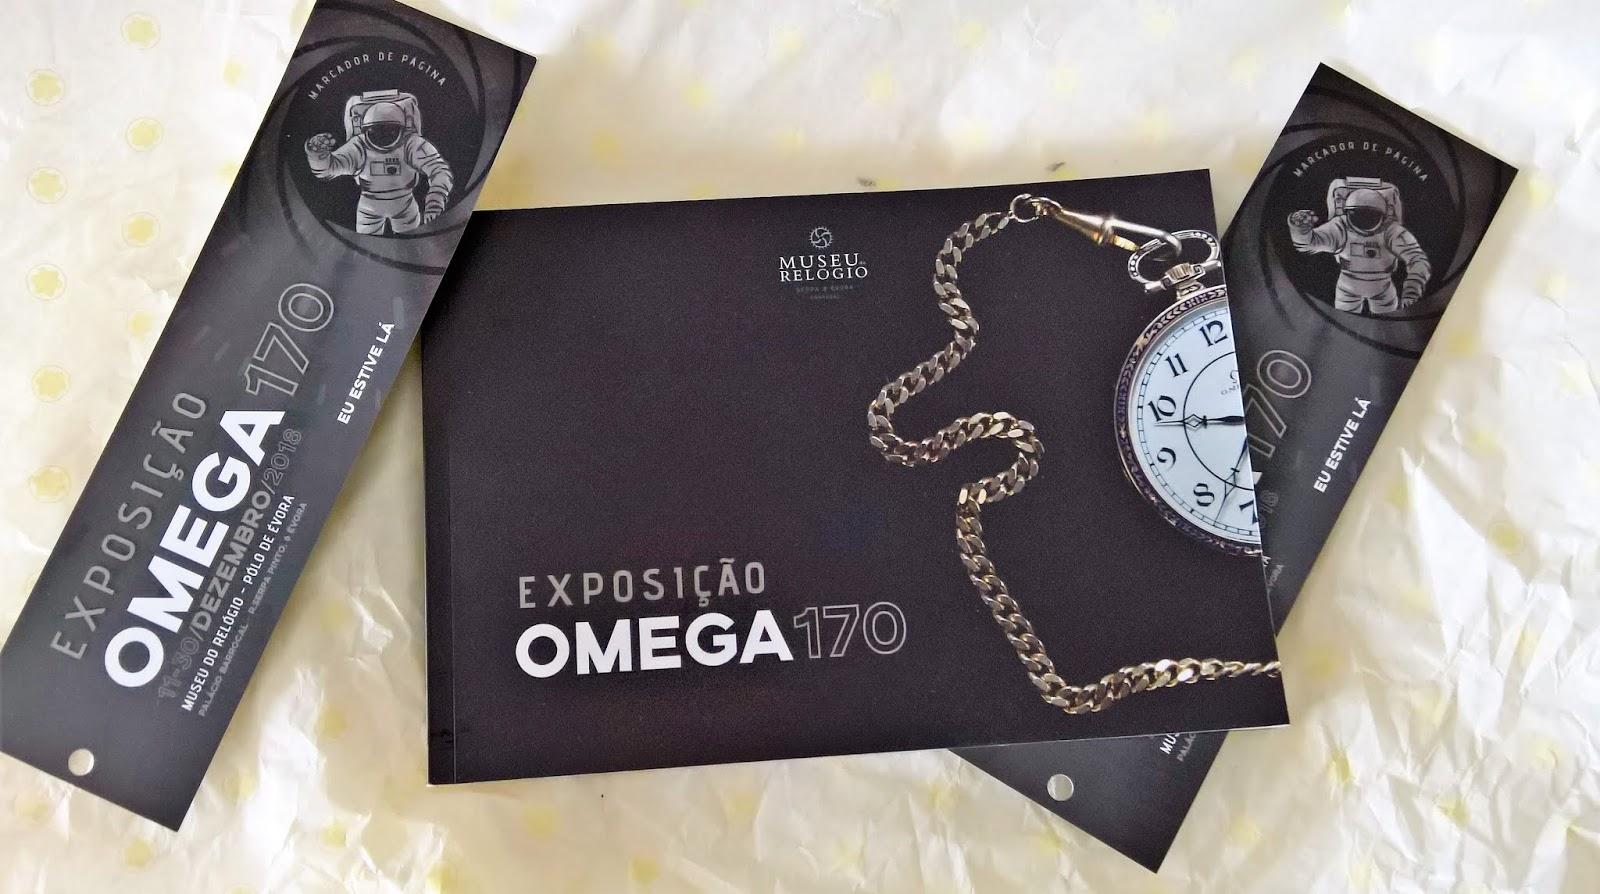 5fe5e0a1dfb Museu do Relógio expõe em Évora 170 exemplares Omega - evento patente até  30 de Dezembro